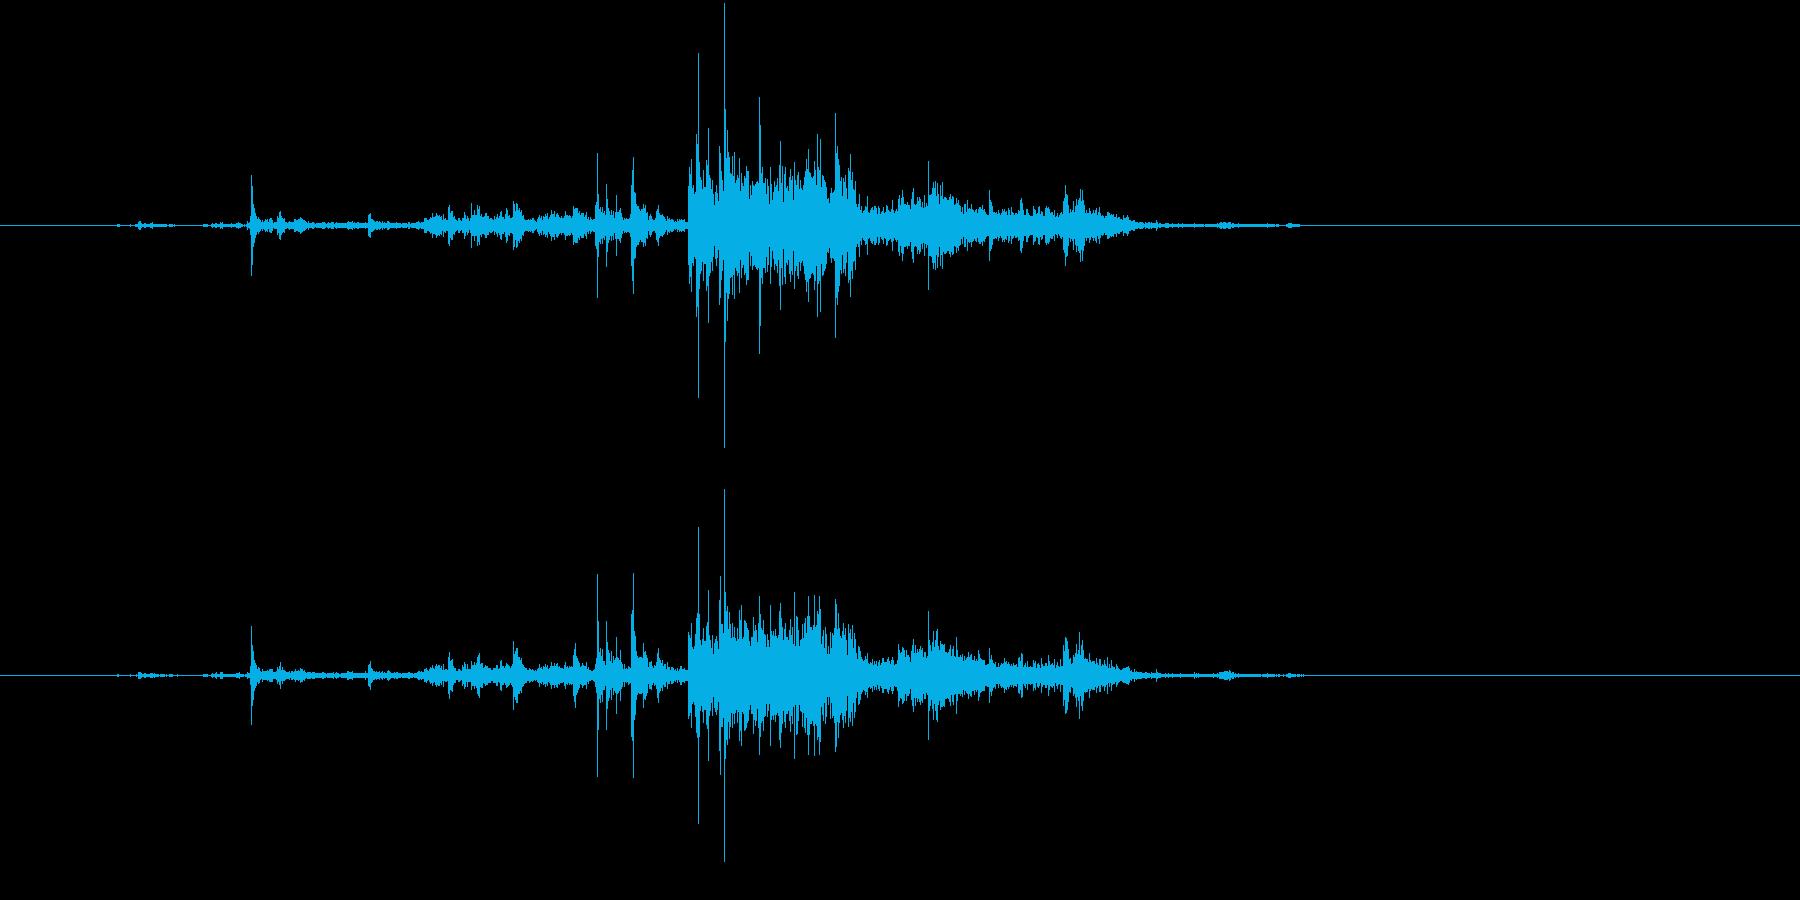 【生録音】ゴミの音 11 放り投げるの再生済みの波形